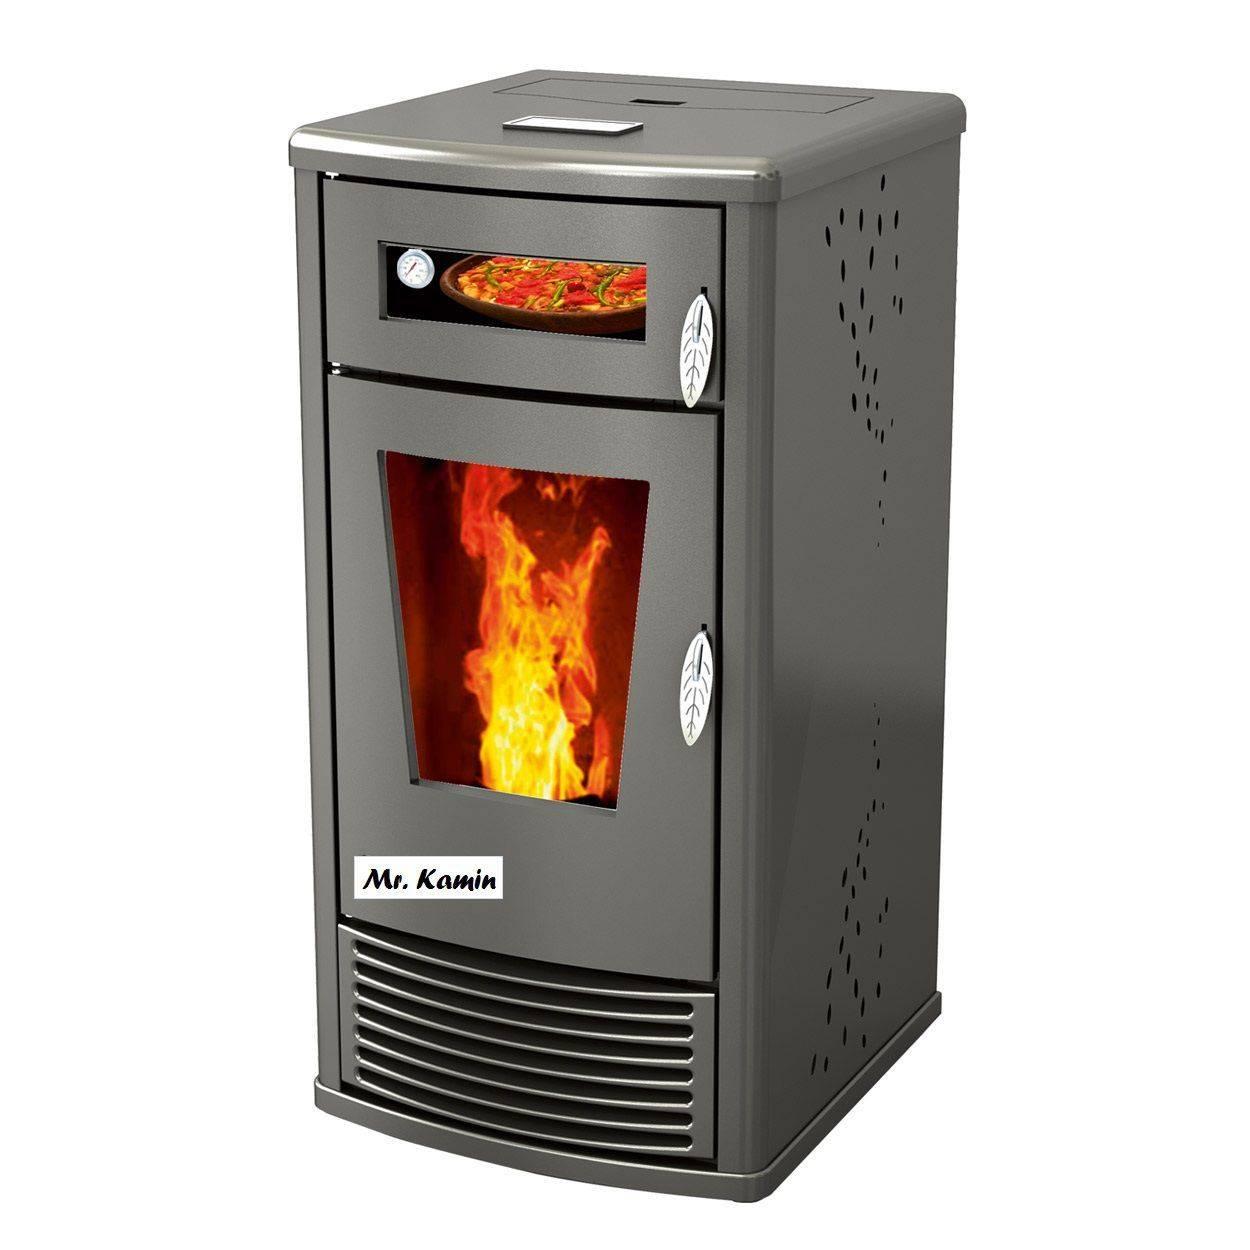 Газовая печь: 110 фото основных критериев выбора и установки печи на газовом отоплении